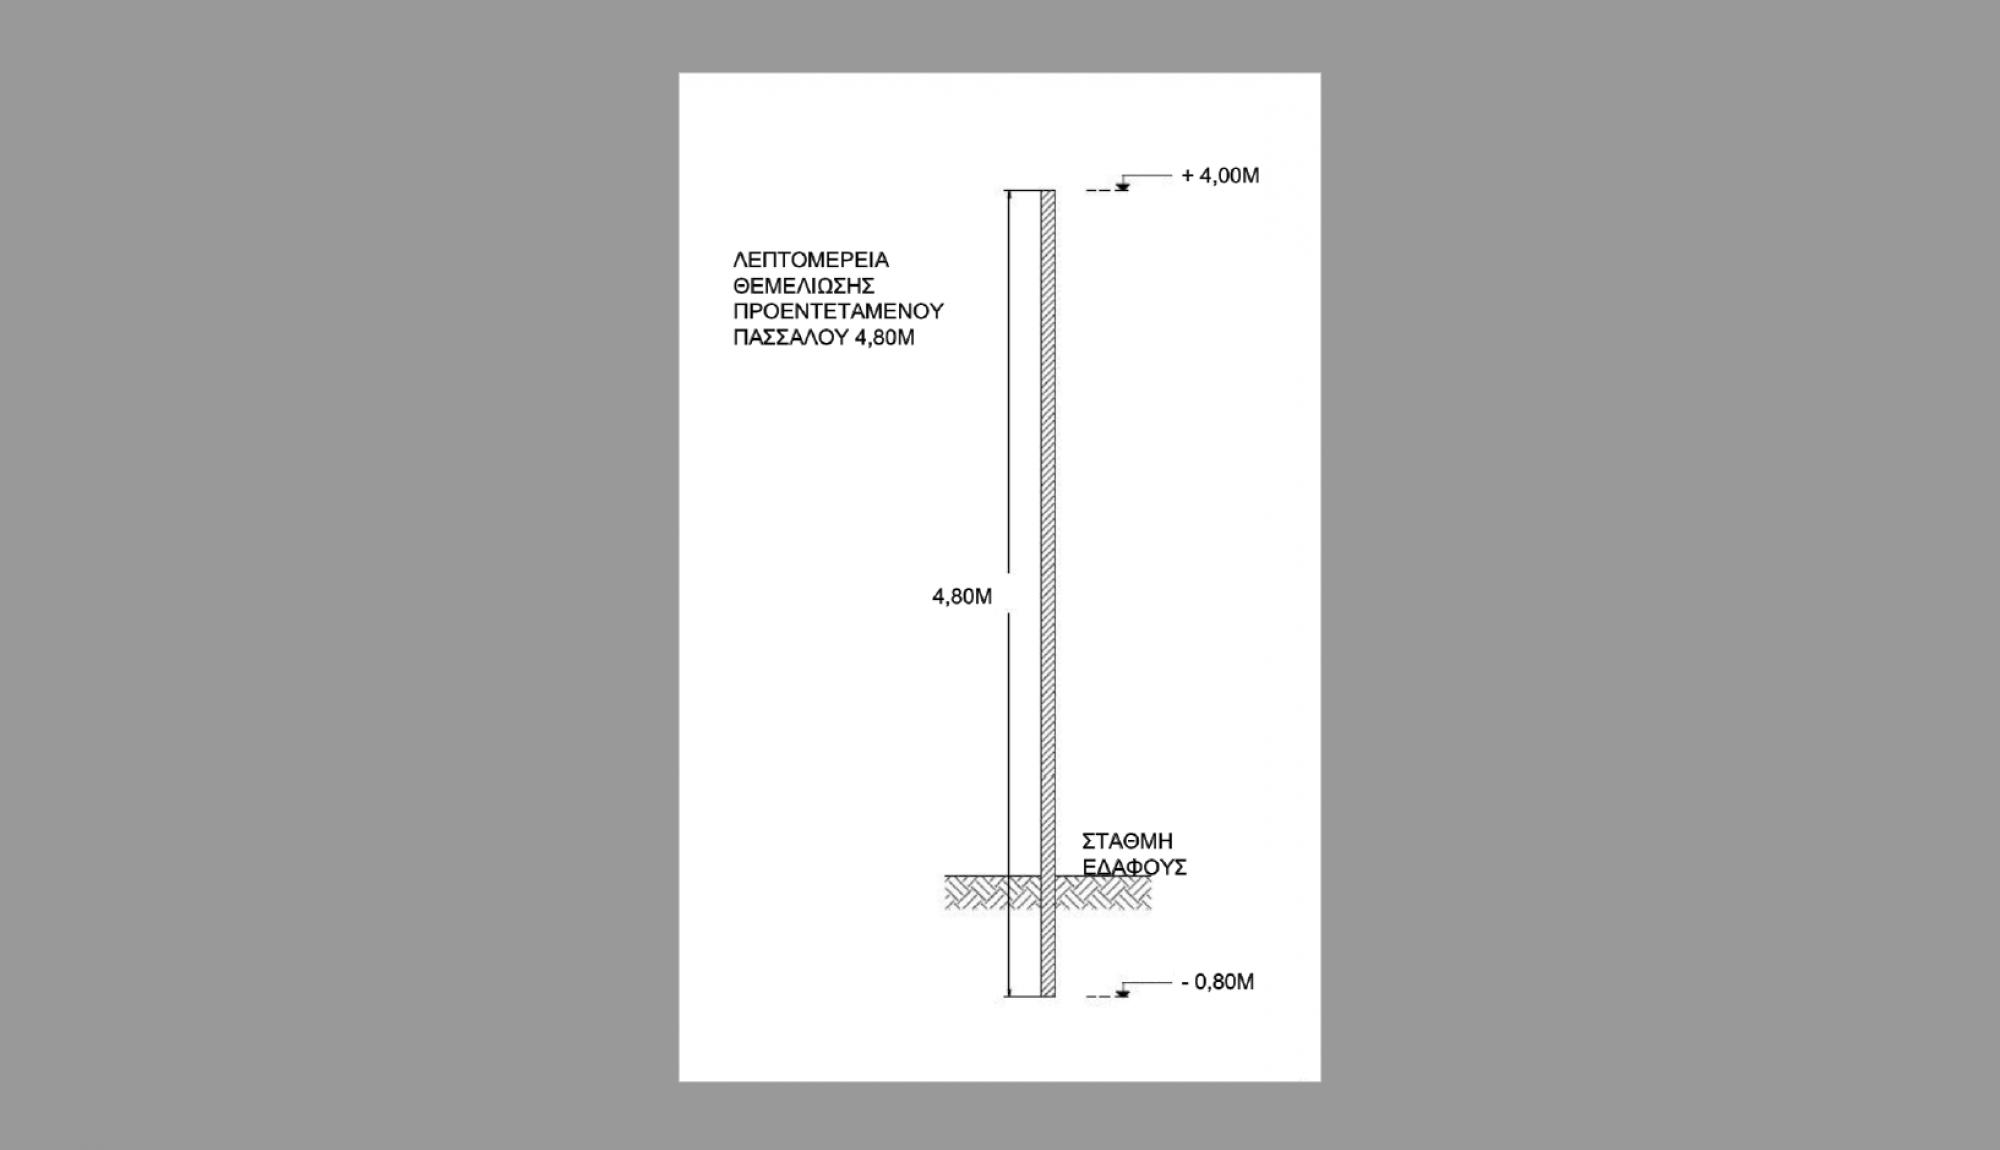 ESTABLISHMENT OF PRESTRESSED CONCRETE POLE 4,80Μ